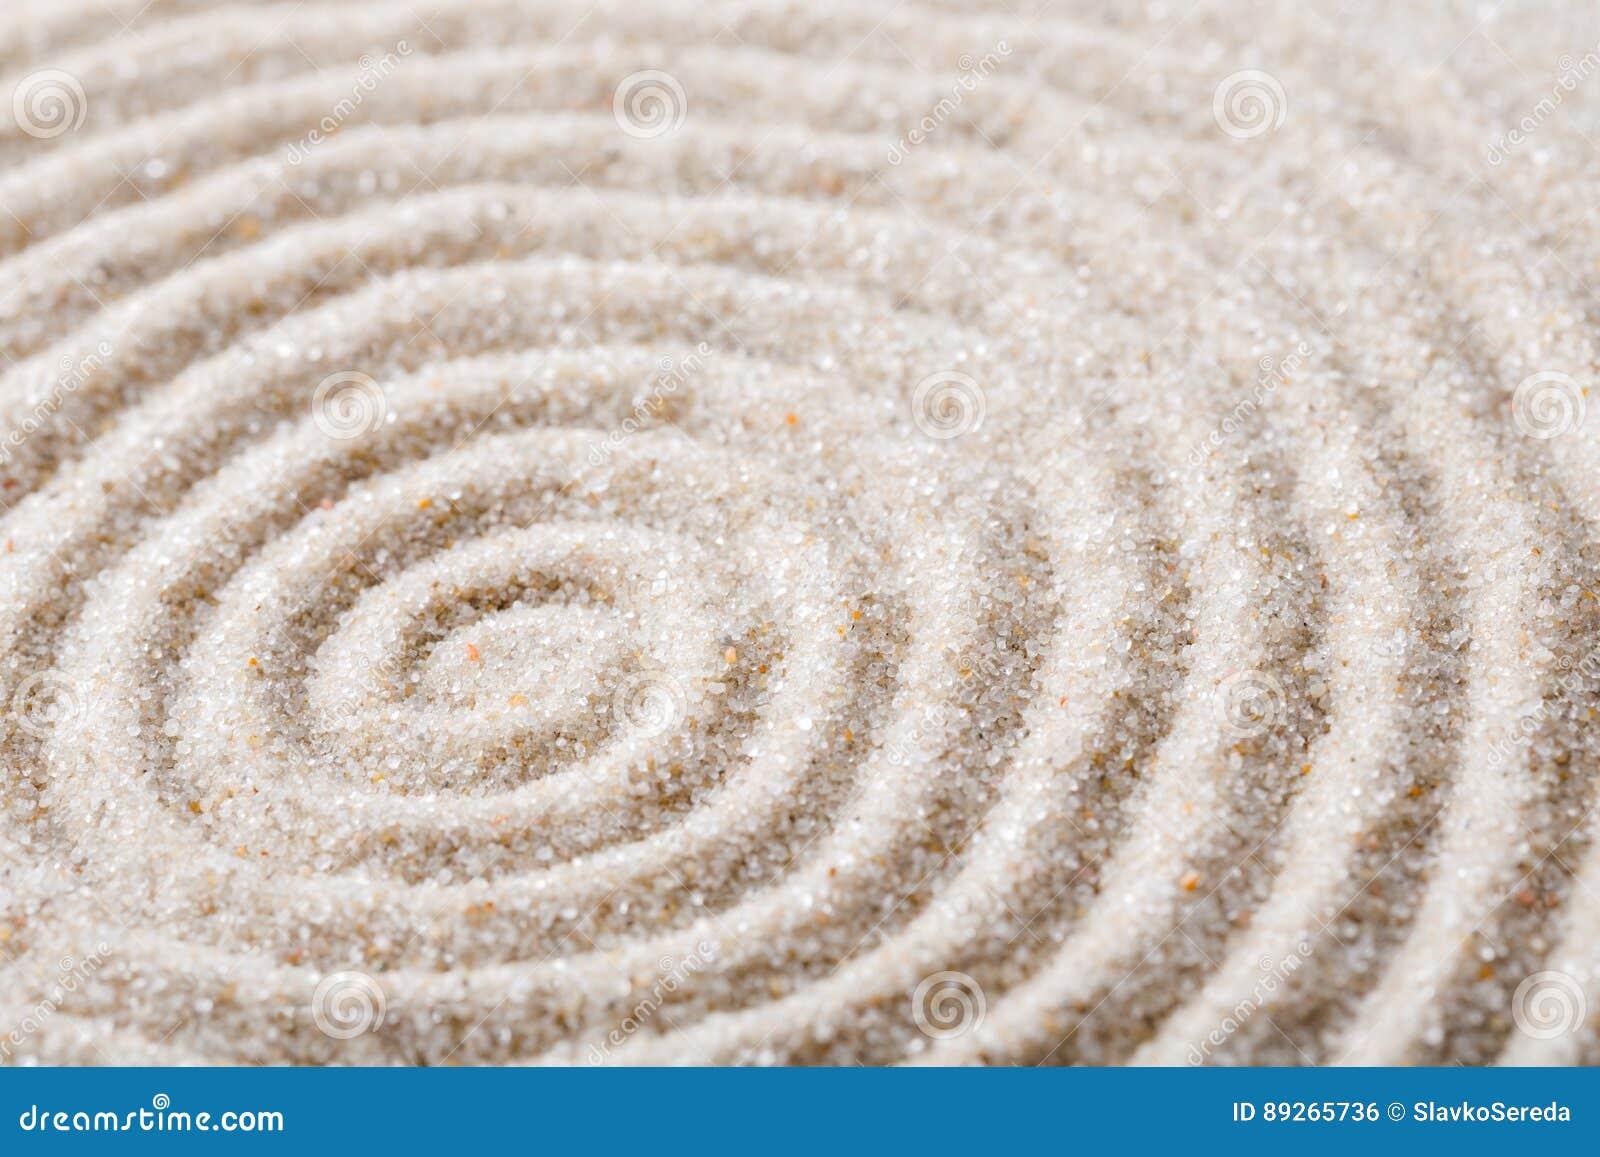 Méditation japonaise de jardin de zen pour le sable de concentration et de relaxation pour l harmonie et équilibre dans la simpli